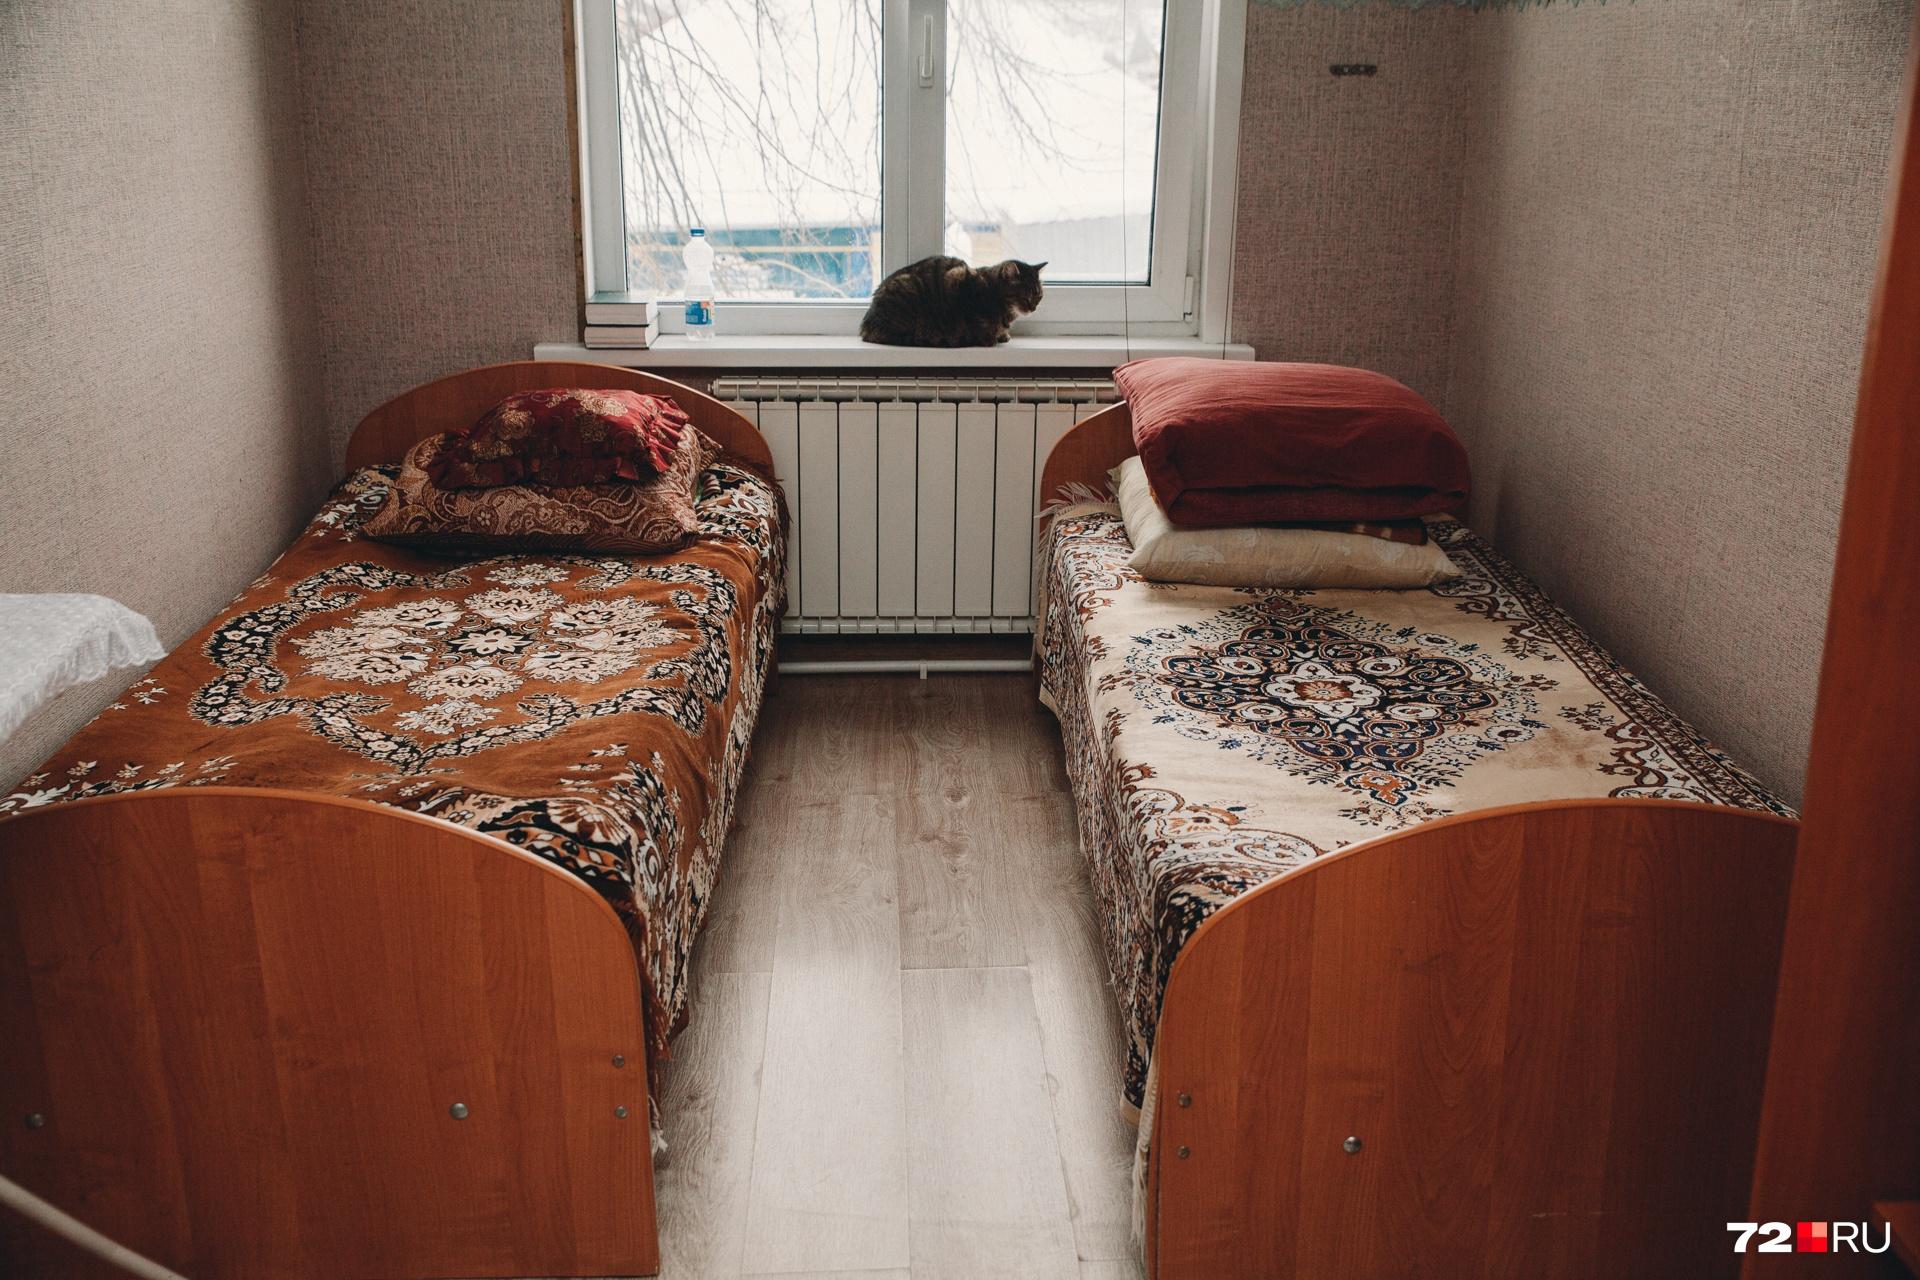 Одна из комнат для проживающих. В соседней во время репортажа отдыхали после работы мужчины